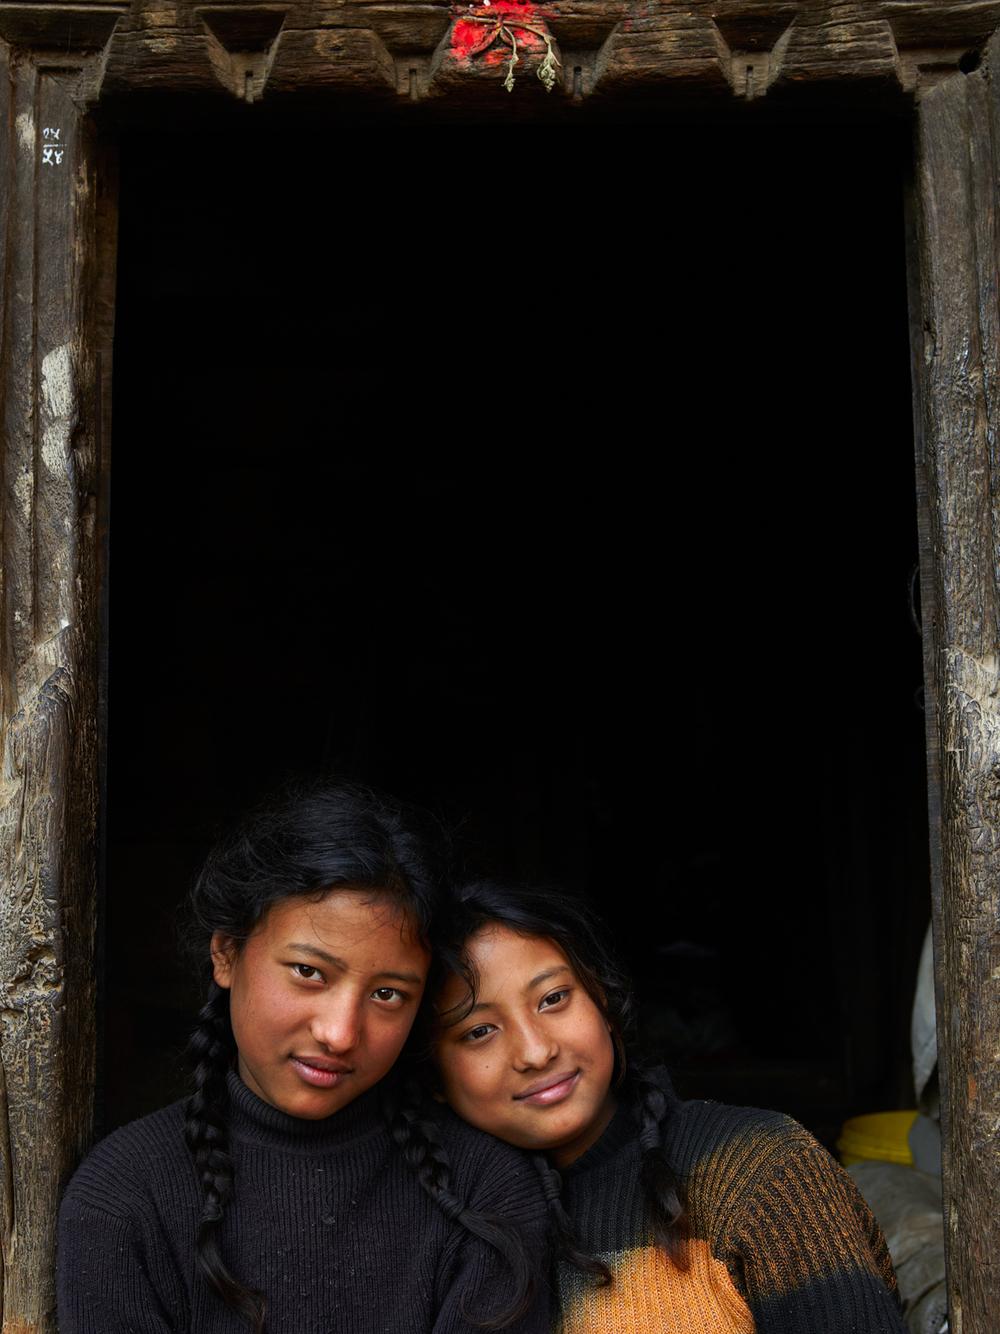 130207_CNT_Bhaktapur_Potters_Sq_3640.jpg